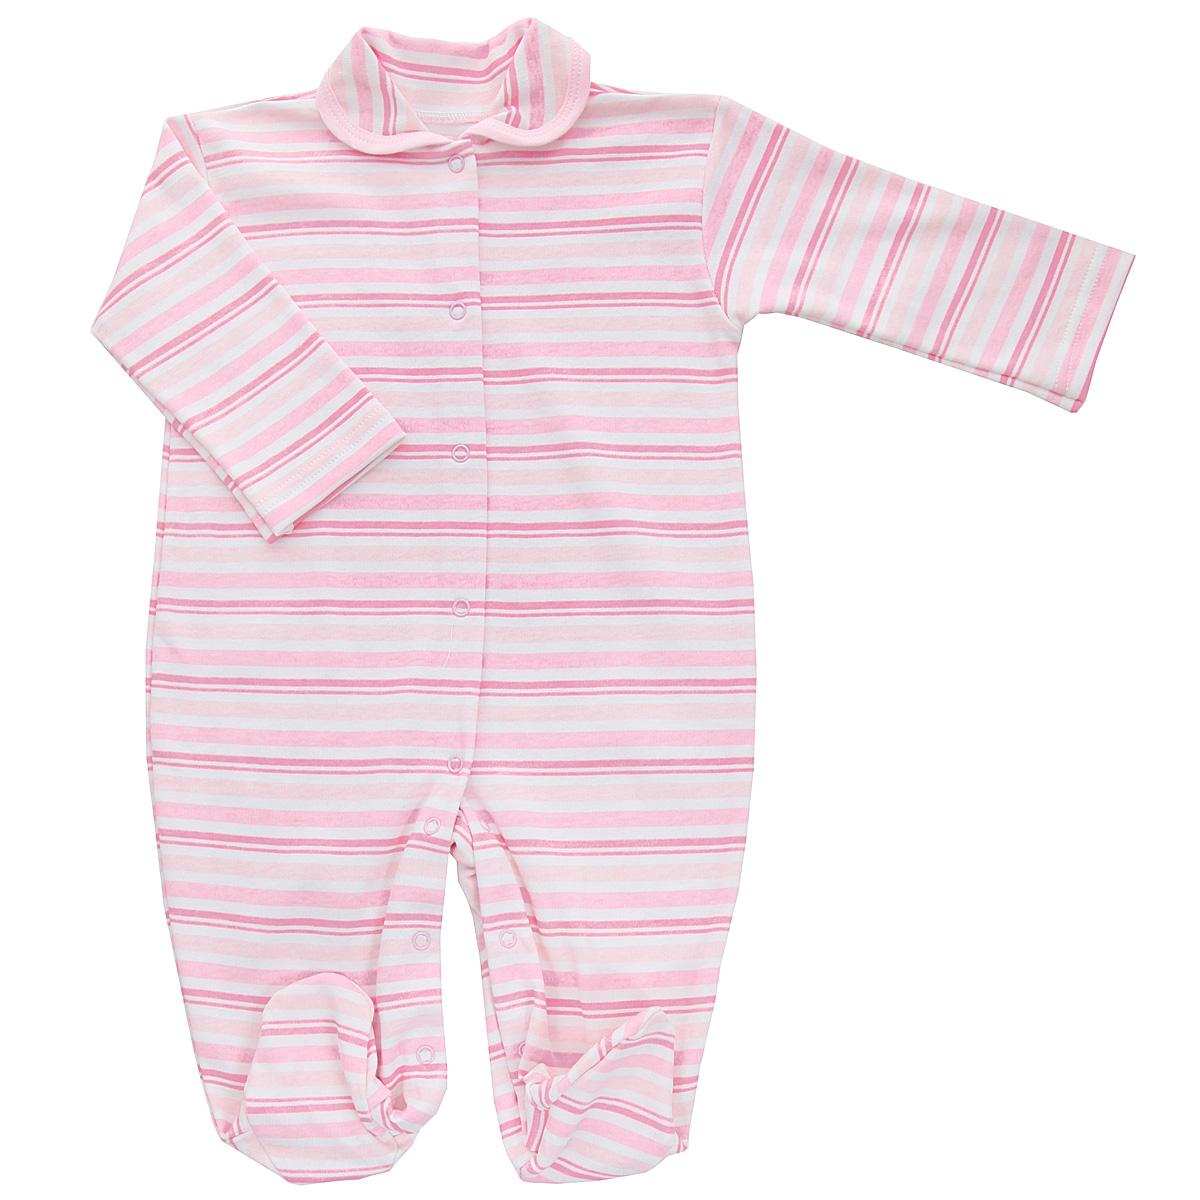 Комбинезон детский Трон-плюс, цвет: розовый, белый. 5815_полоска. Размер 56, 1 месяц5815_полоскаДетский комбинезон Трон-Плюс - очень удобный и практичный вид одежды для малышей. Комбинезон выполнен из интерлока - натурального хлопка, благодаря чему он необычайно мягкий и приятный на ощупь, не раздражает нежную кожу ребенка, и хорошо вентилируются, а эластичные швы приятны телу младенца и не препятствуют его движениям. Комбинезон с длинными рукавами, закрытыми ножками и отложным воротничком имеет застежки-кнопки от горловины до щиколоток, которые помогают легко переодеть ребенка или сменить подгузник. Воротник по краю дополнен контрастной бейкой. Оформлено изделие принтом в полоску. С детским комбинезоном спинка и ножки вашего крохи всегда будут в тепле, он идеален для использования днем и незаменим ночью. Комбинезон полностью соответствует особенностям жизни младенца в ранний период, не стесняя и не ограничивая его в движениях!